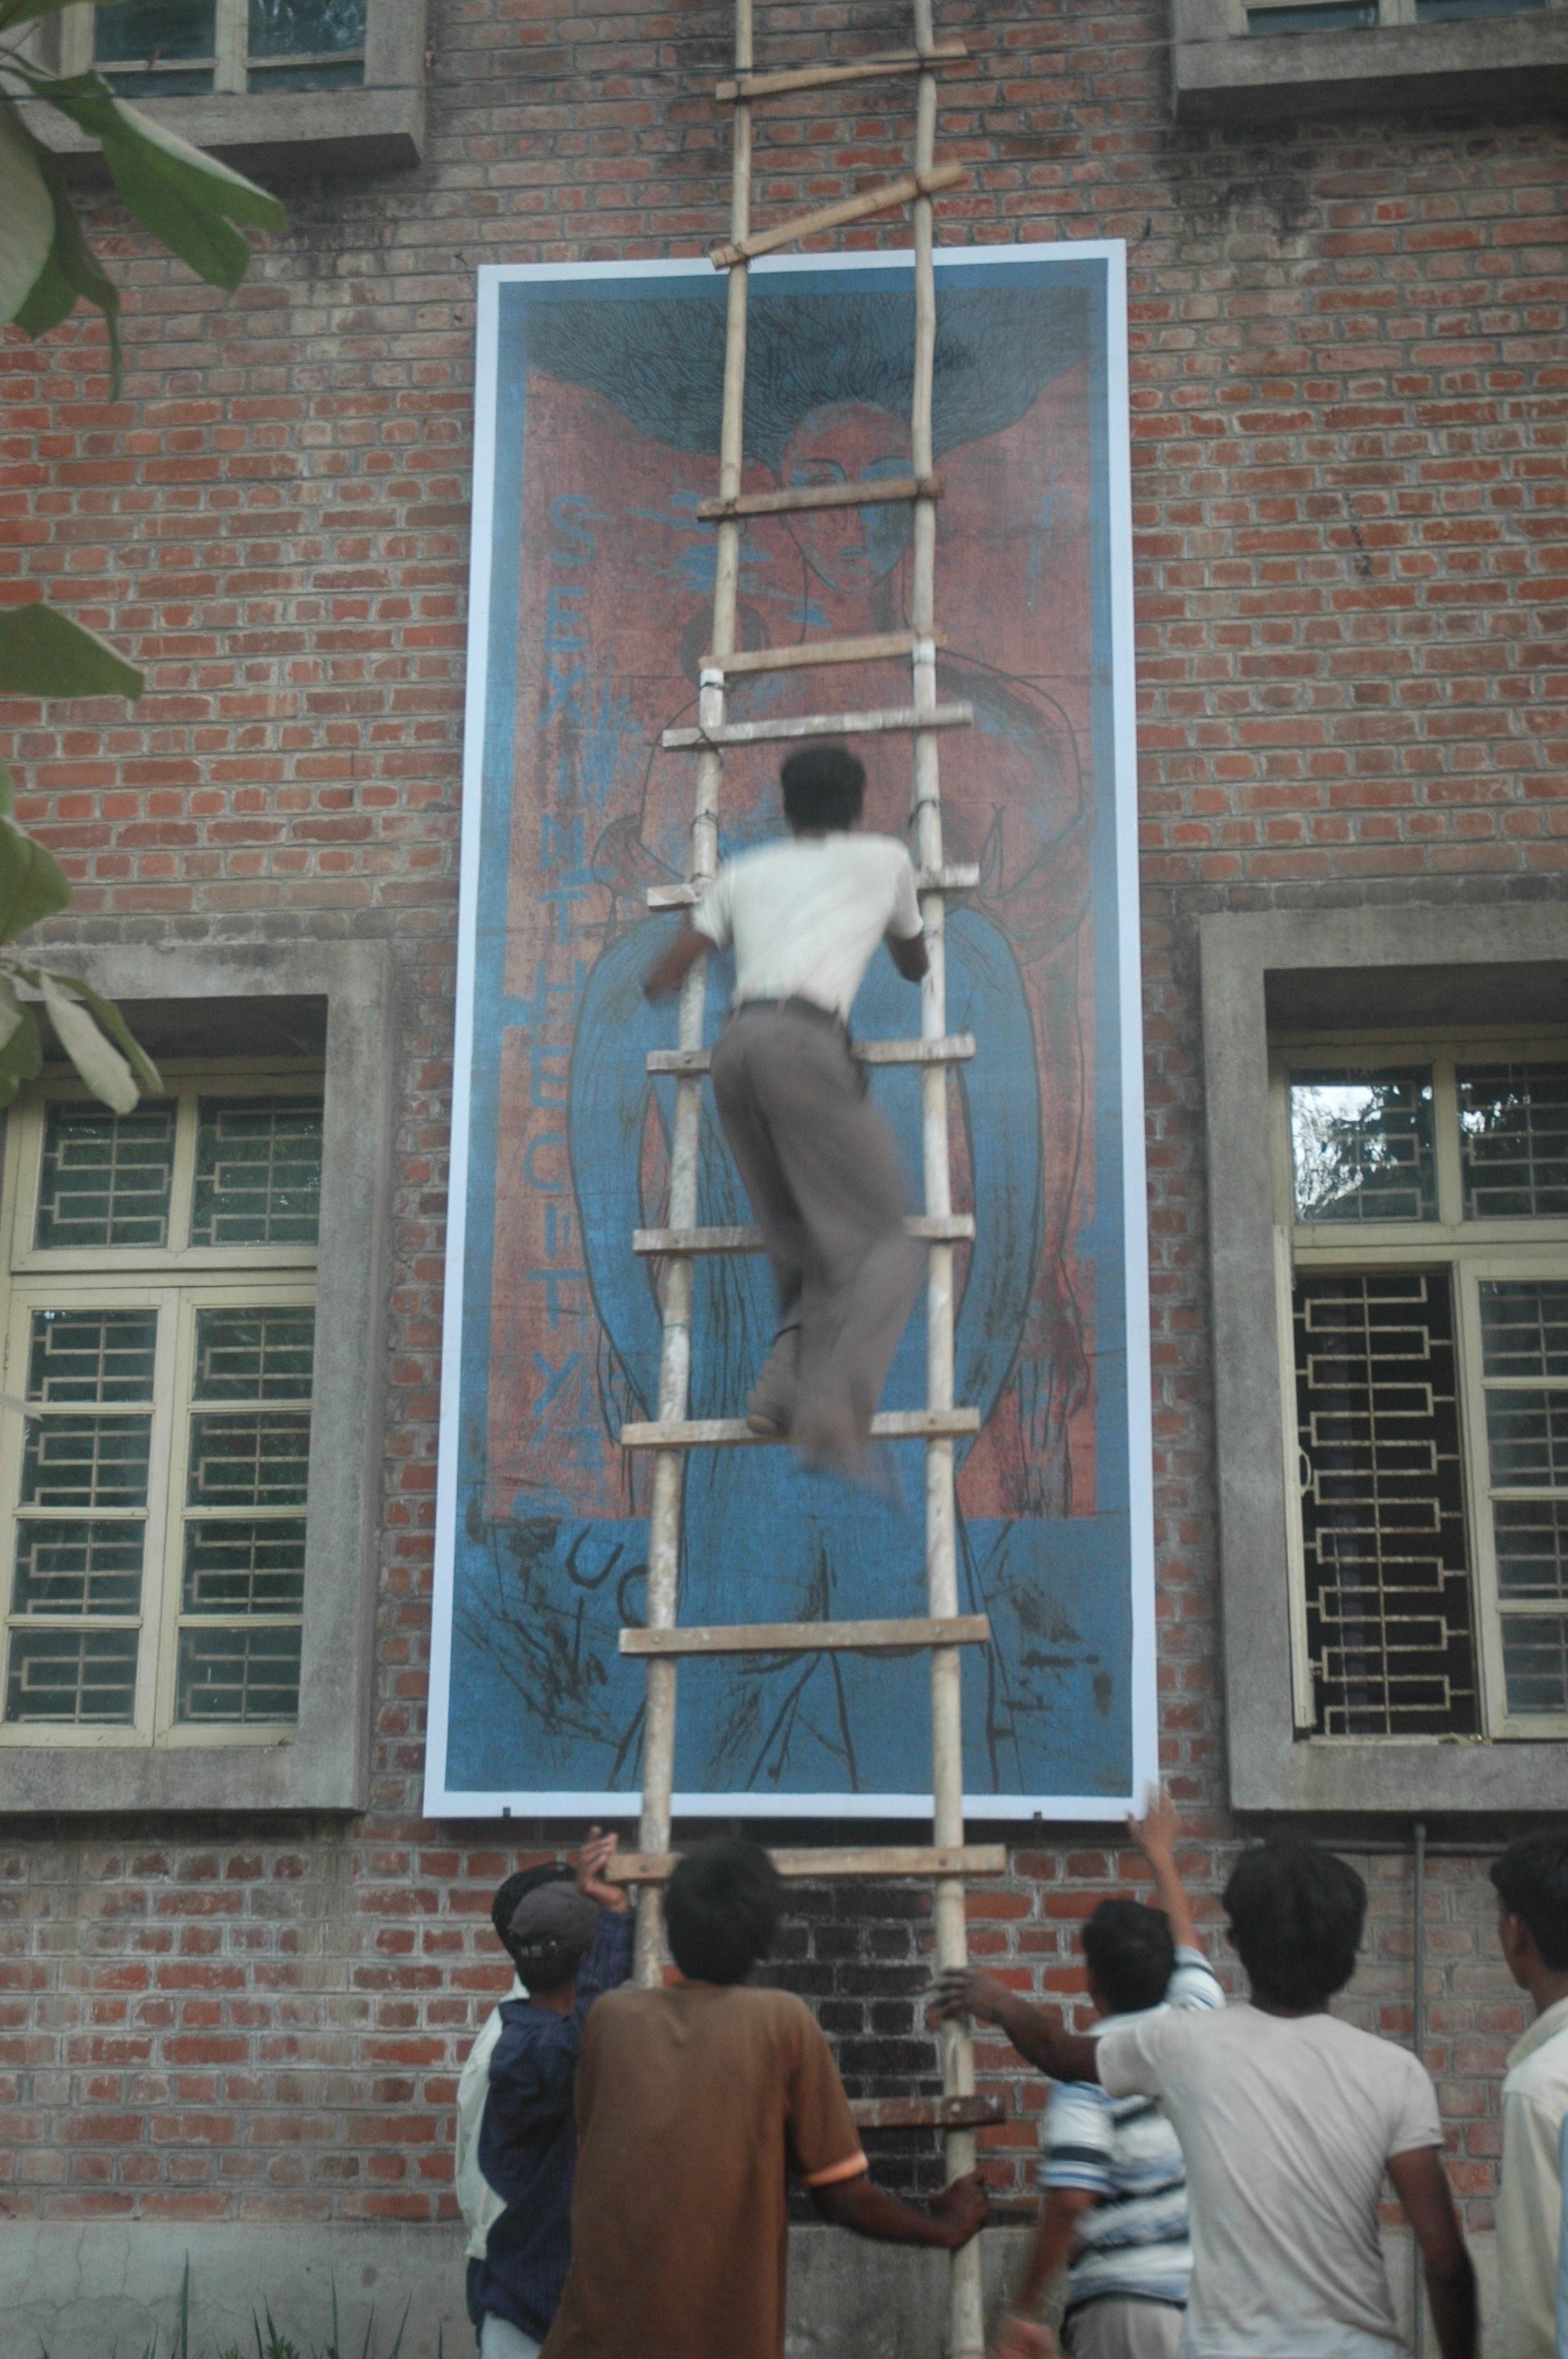 Government officials bringing down Chandramohan's art at the Faculty of Fine Arts, Vadodara, May 11, 2007. Image courtesy: Students of the Faculty of Fine Arts. Source: Akansha Rastogi and B.V. Suresh